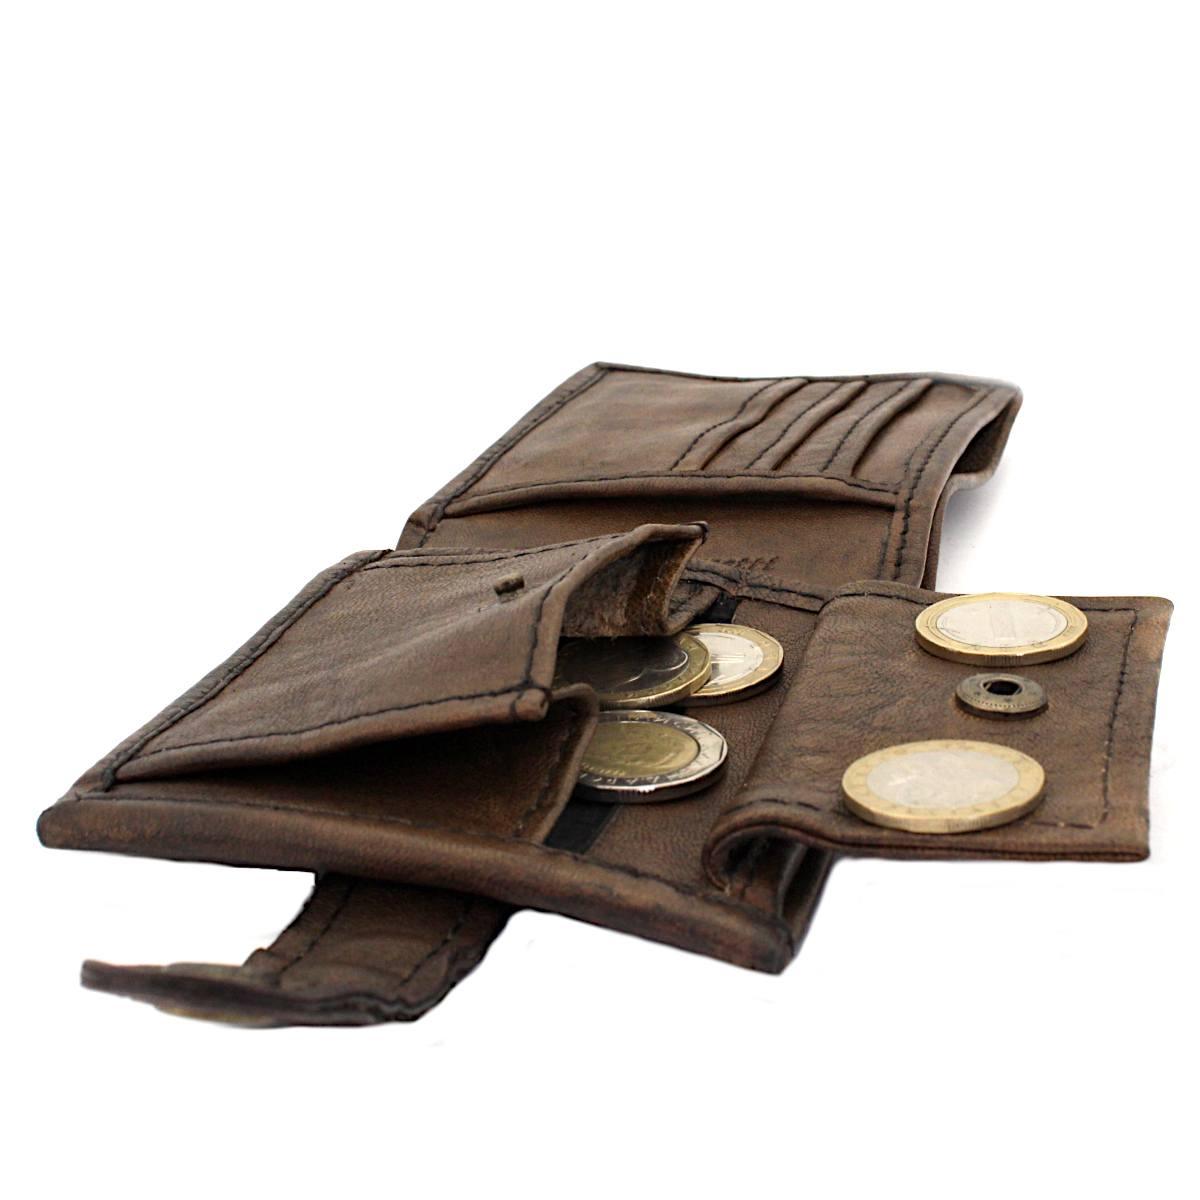 модерен мъжки кожен портфейл - монетник